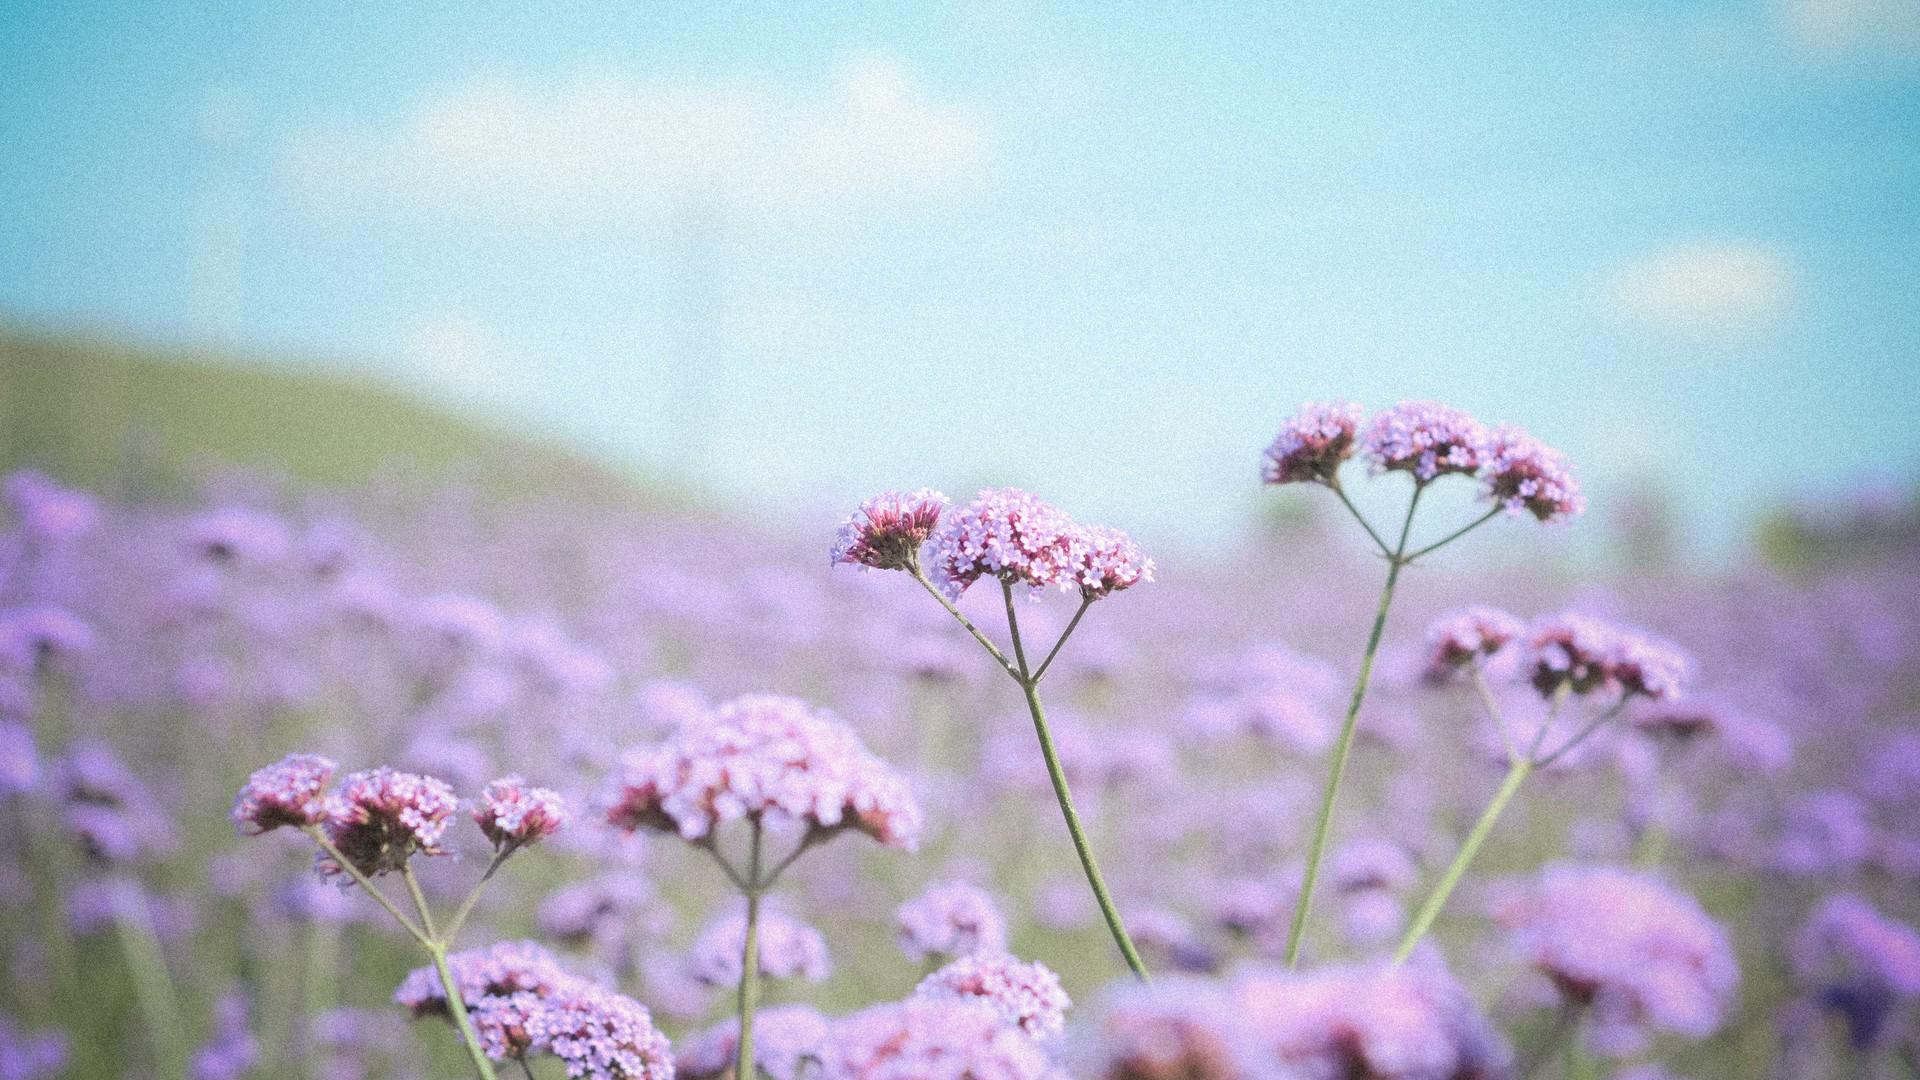 【【共享壁纸】美女,动物与风景(小新 air 12